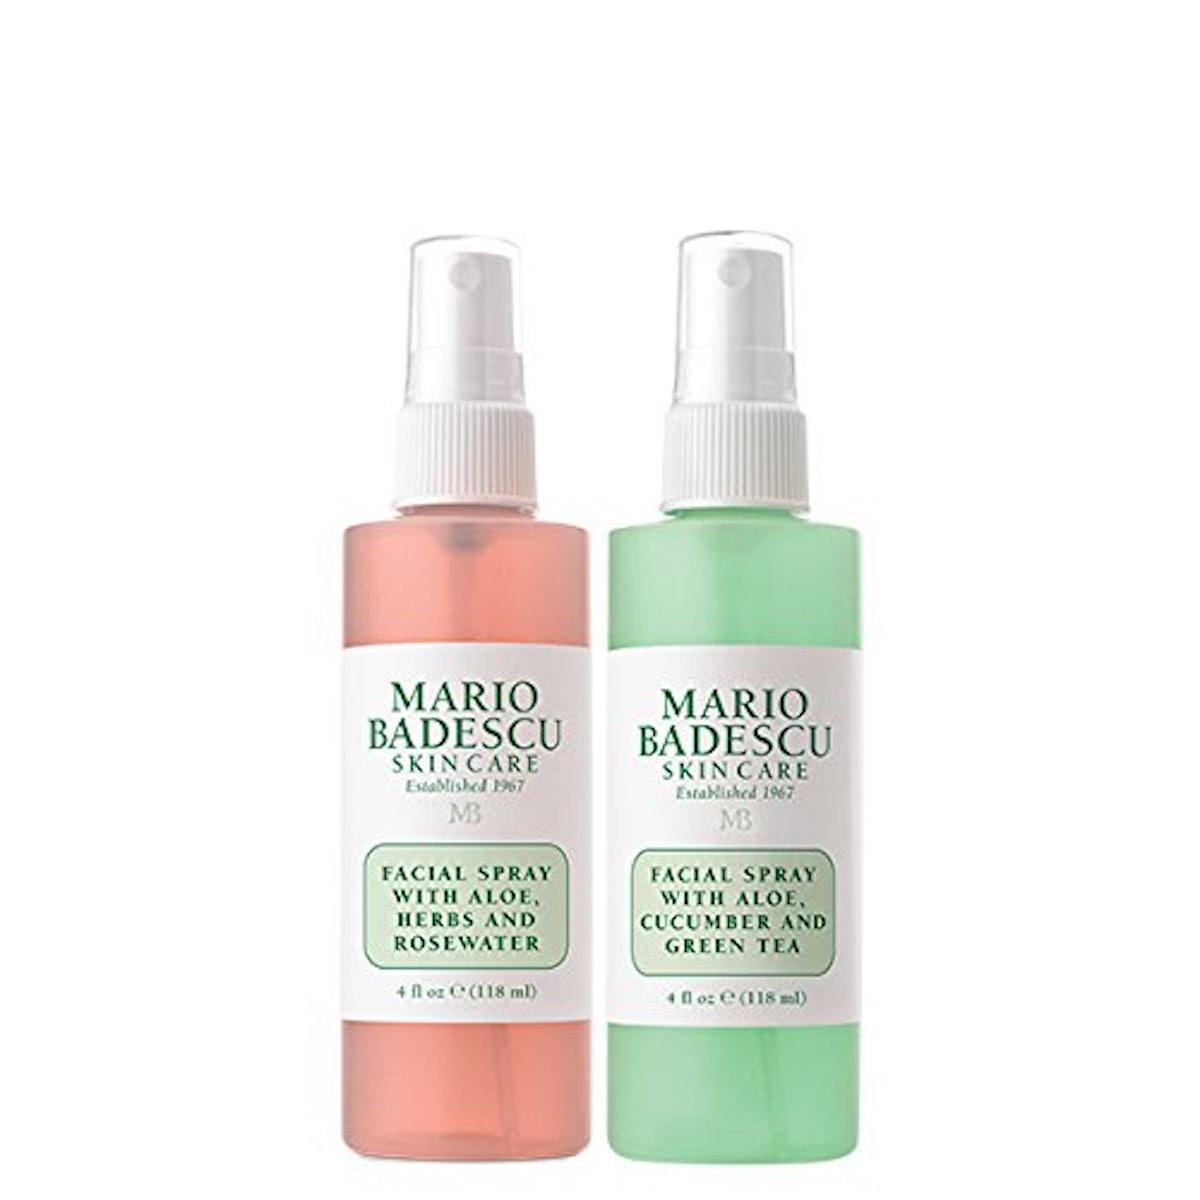 Mario Badescu Facial Spray Set